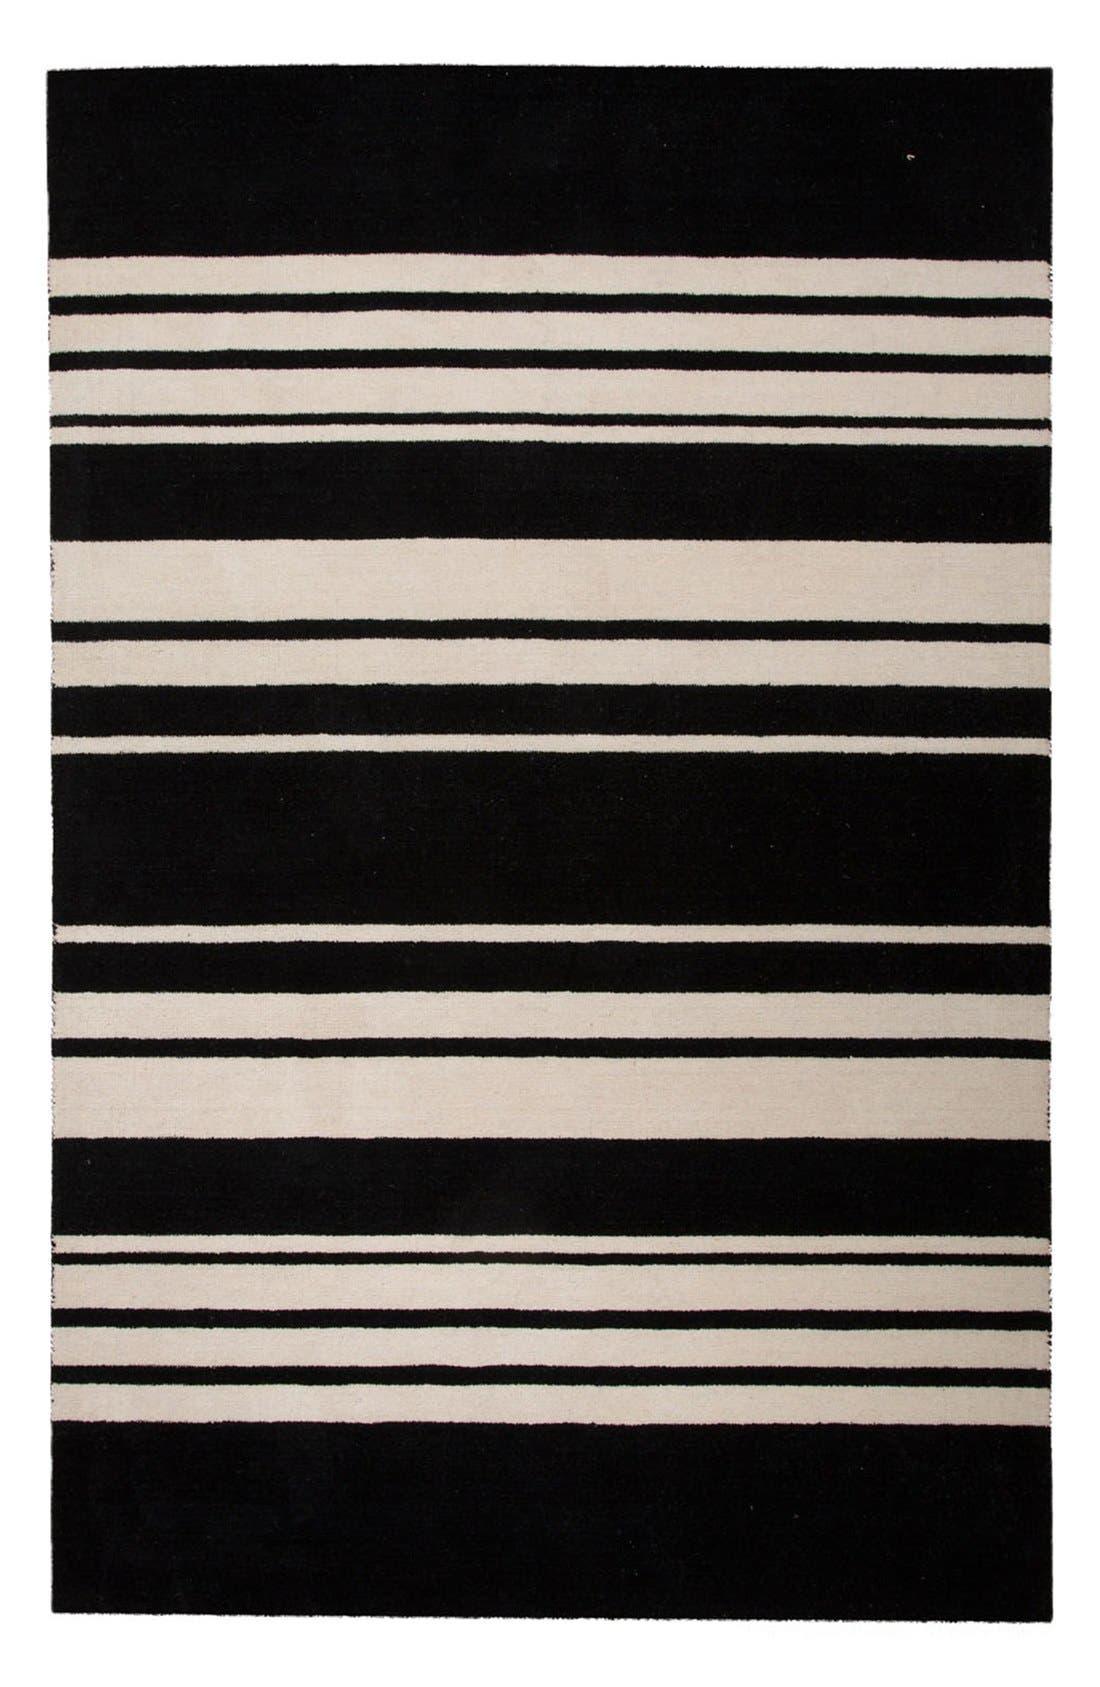 Alternate Image 1 Selected - kate spade new york 'astor stripe' wool rug